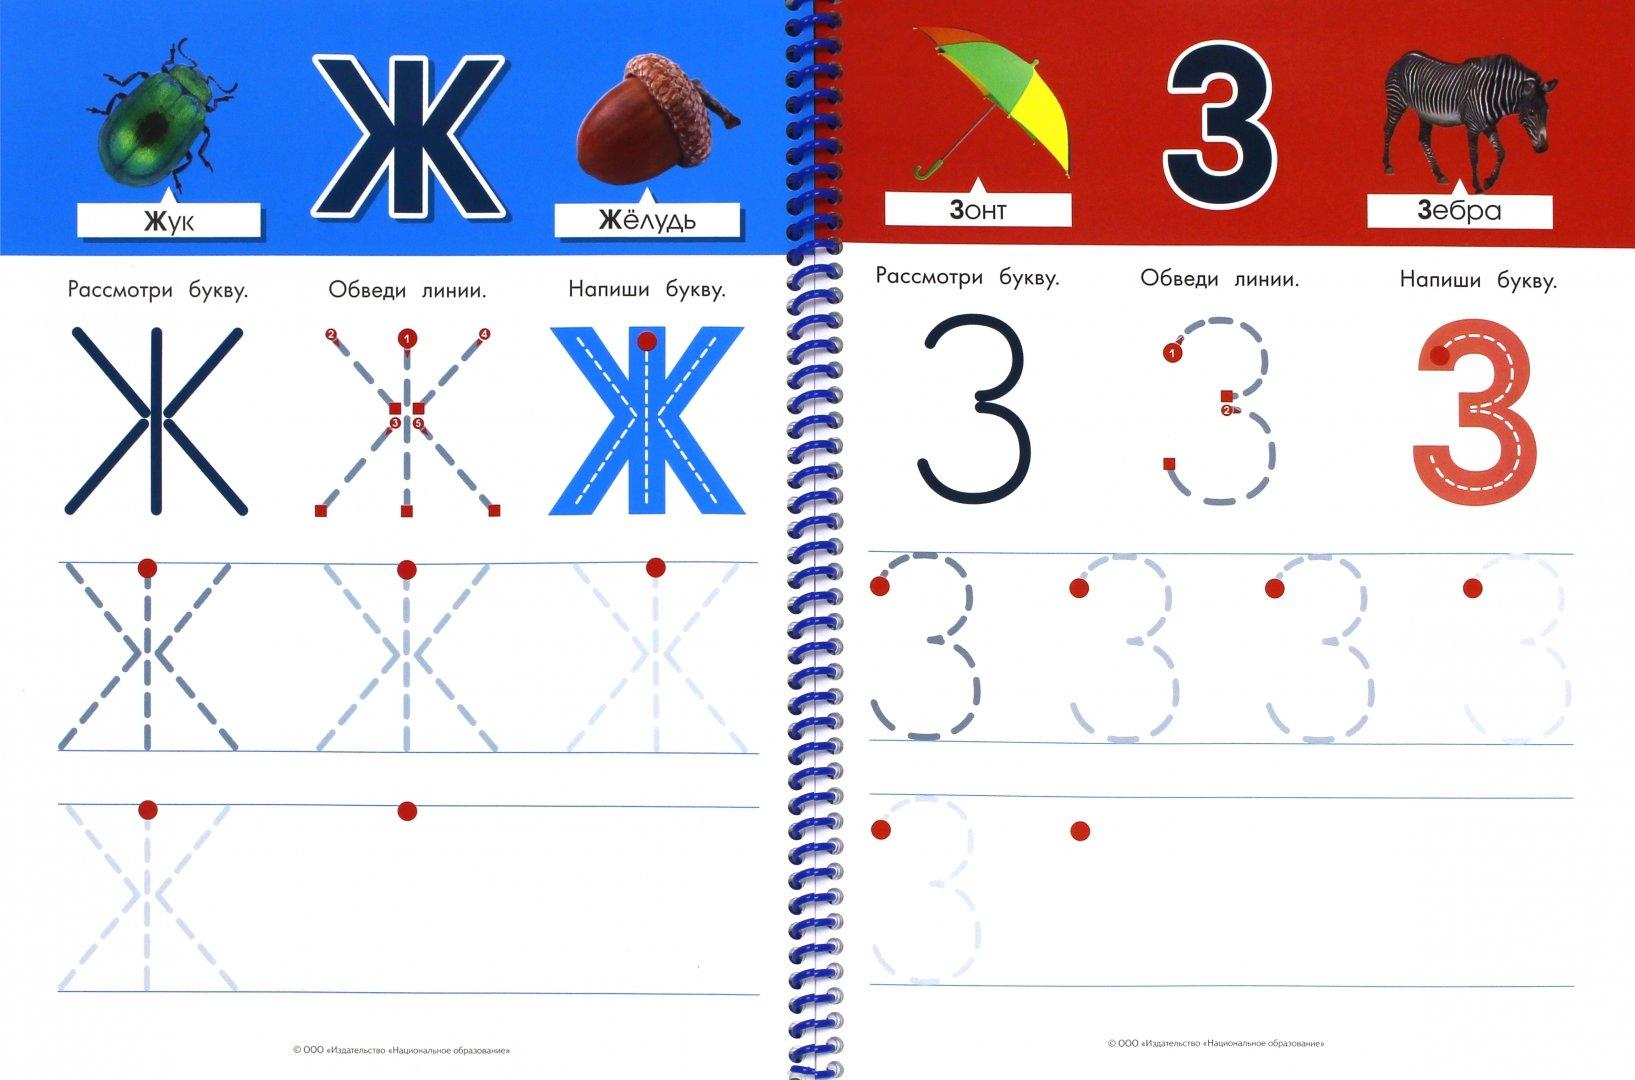 Иллюстрация 1 из 18 для Буквы. Пиши и стирай. Тетрадь для письма маркером для детей 4-7 лет. ФГОС ДО - Е. Вершинина   Лабиринт - книги. Источник: Лабиринт